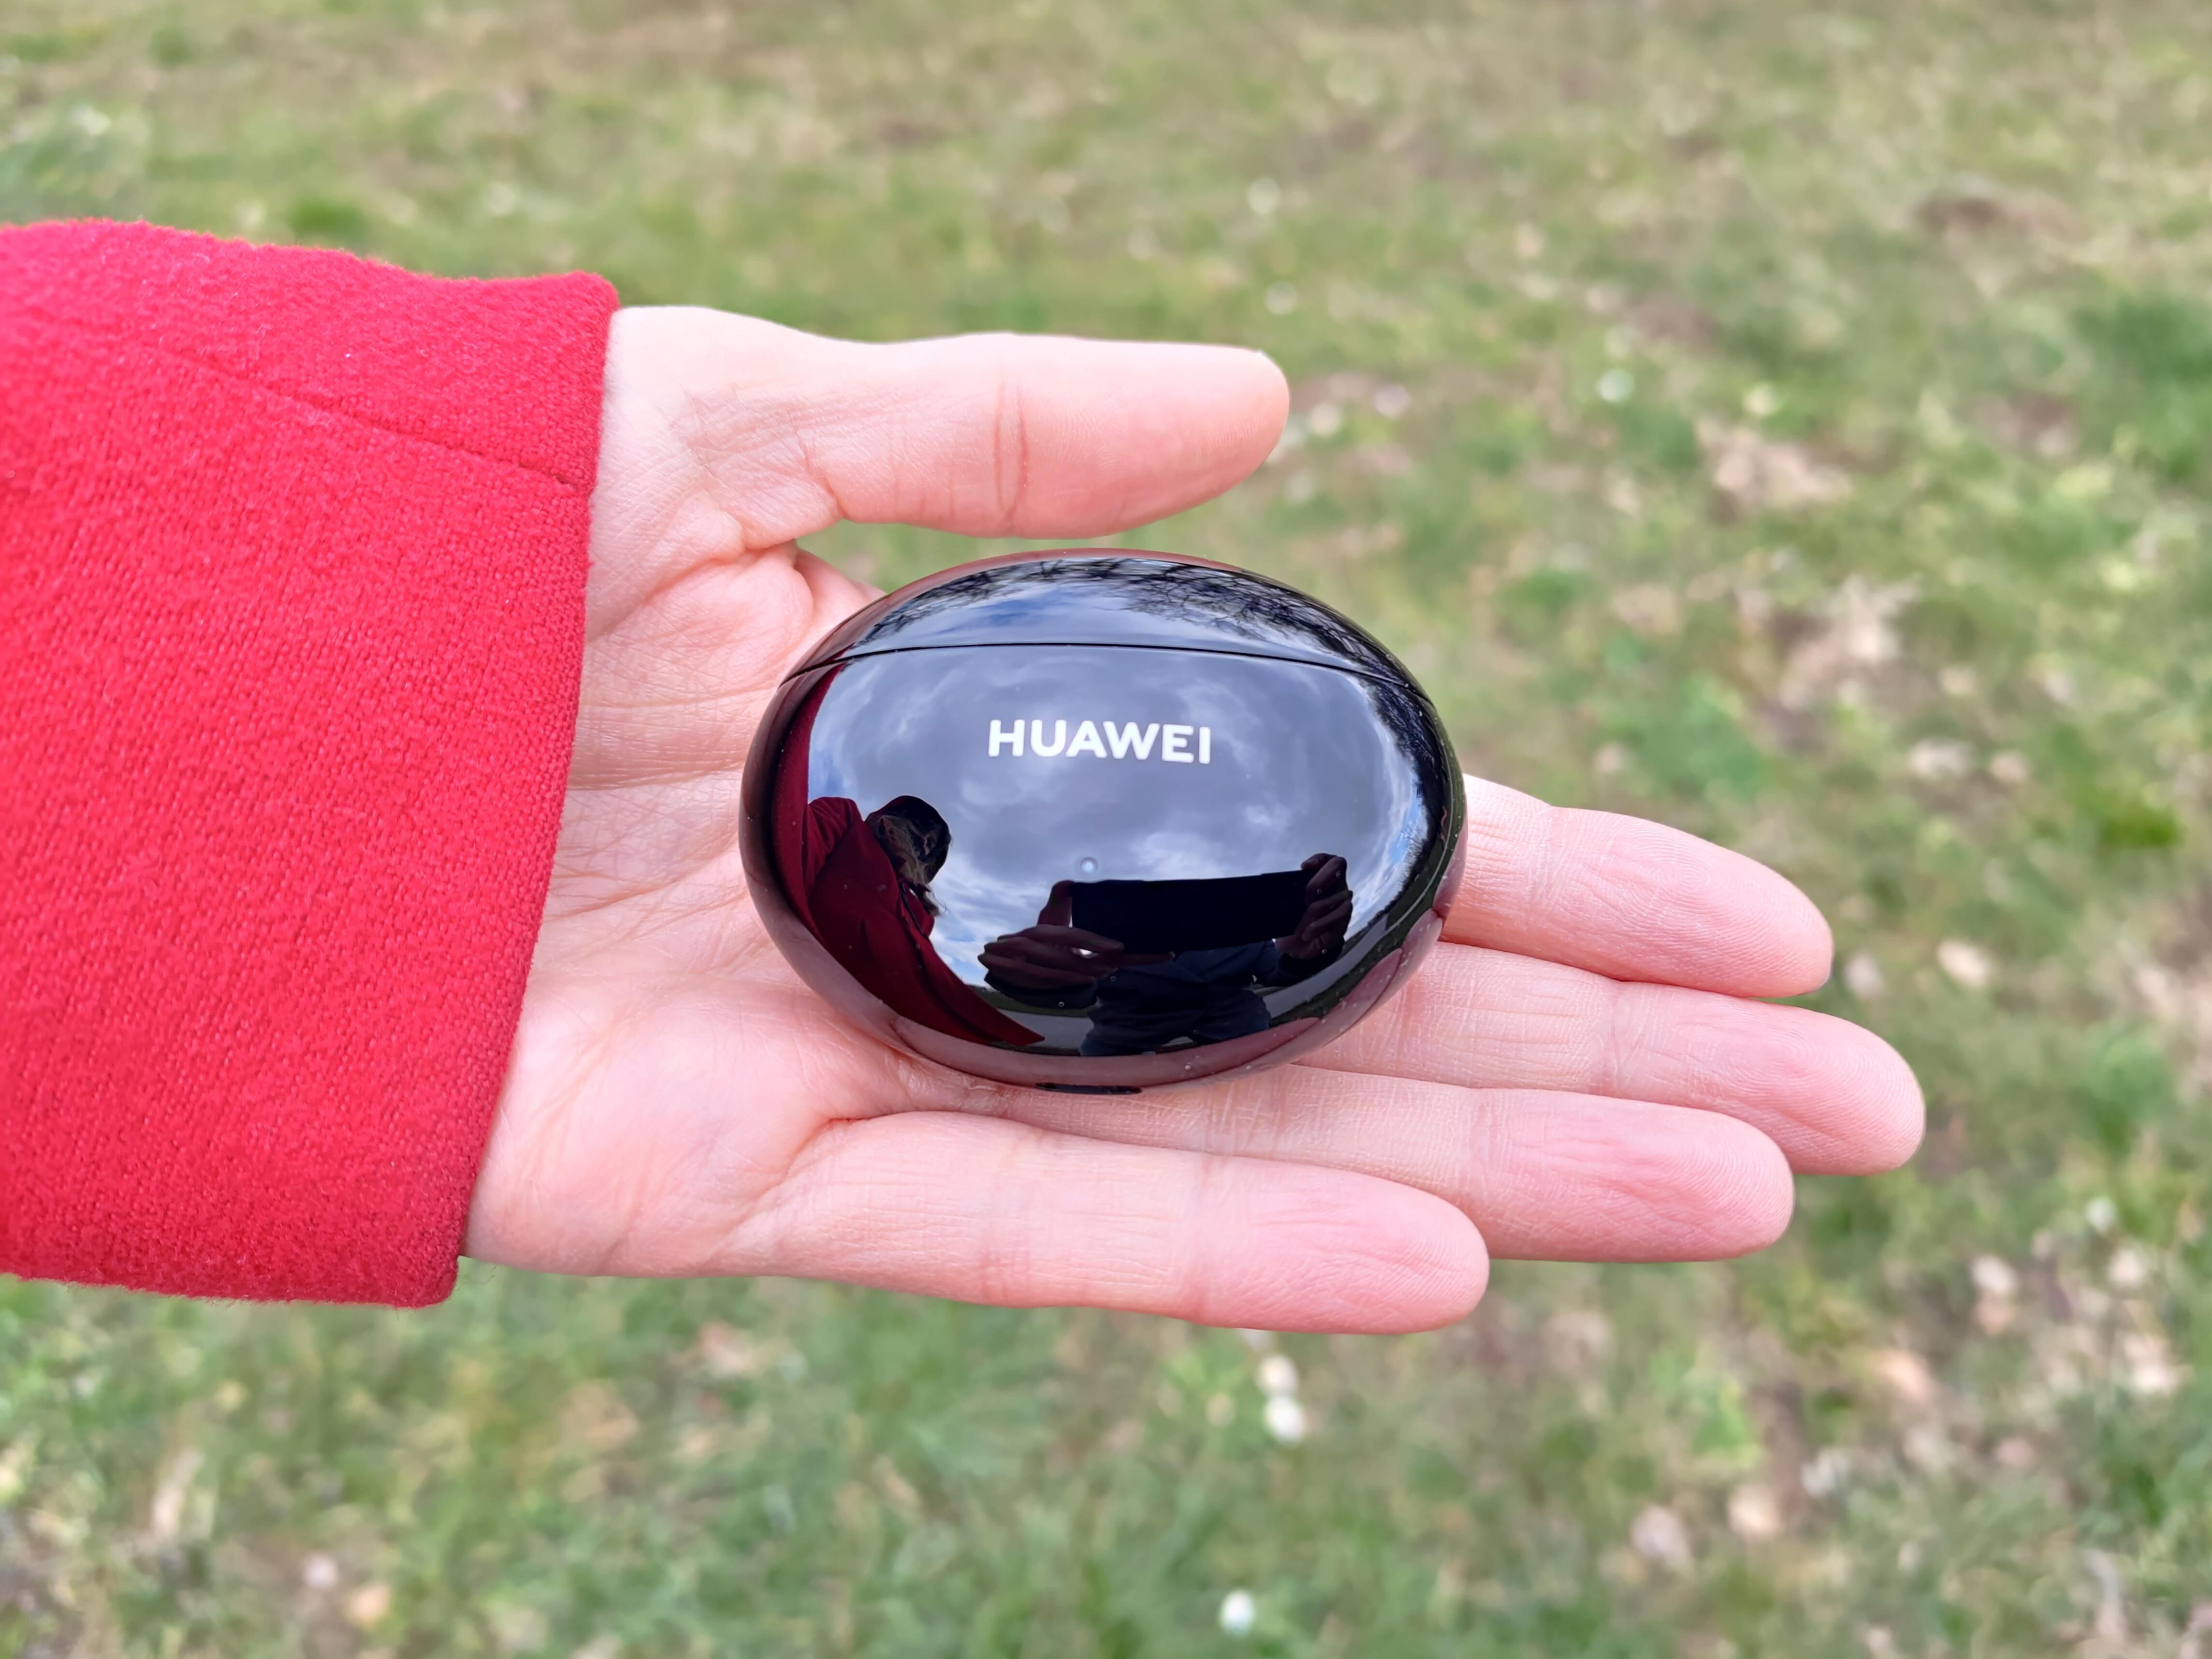 Recenzja Huawei Freebuds 4i - fot. Tabletowo